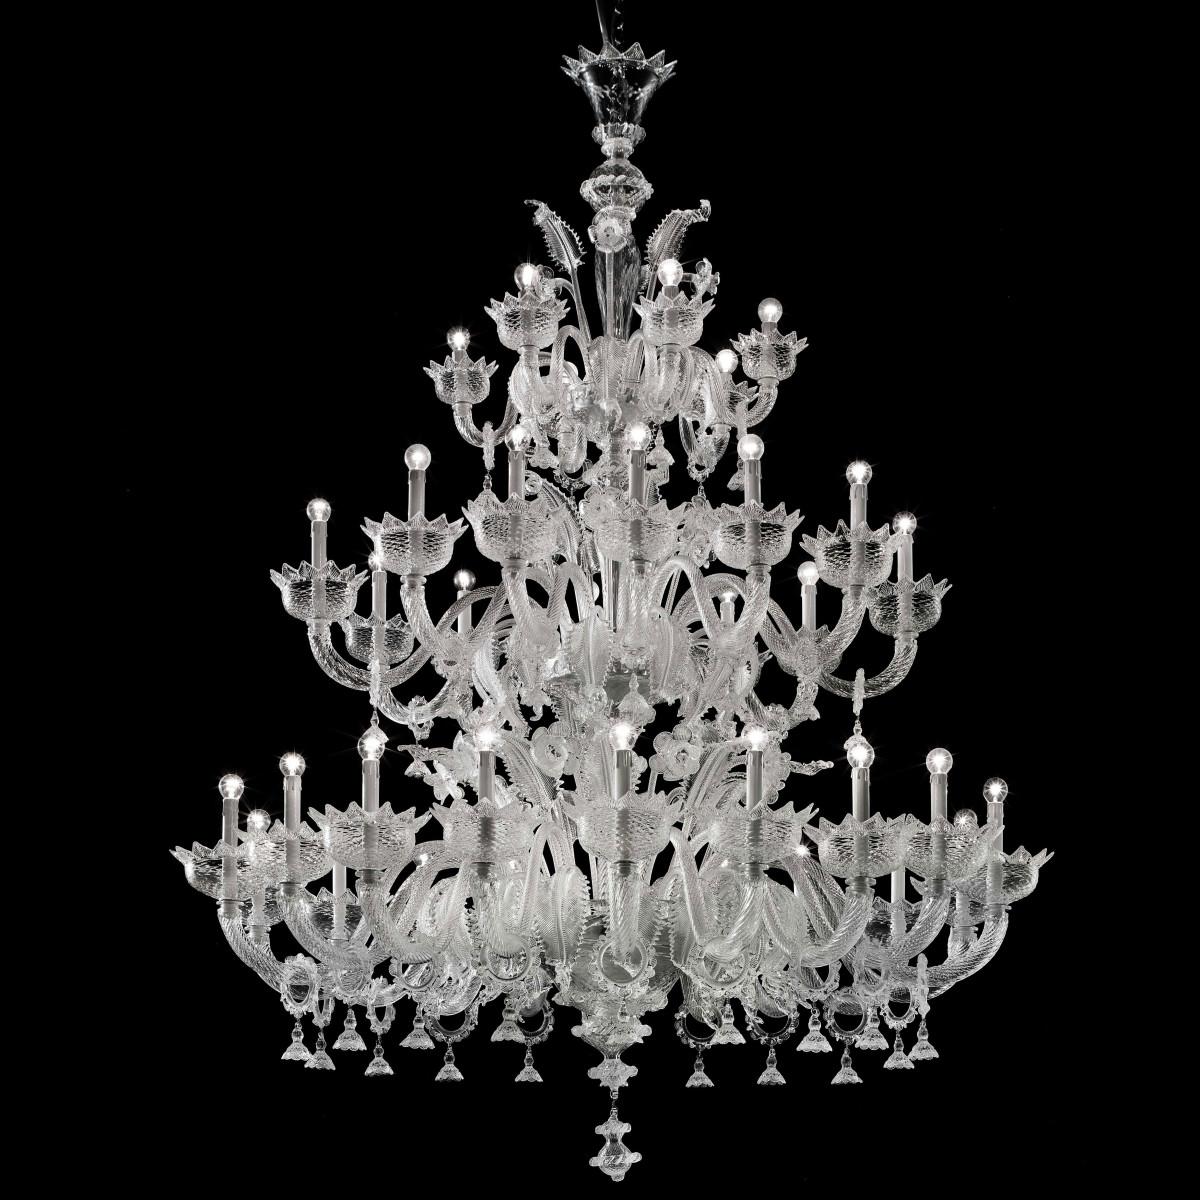 """Casanova """"special"""" araña 18+12+6 luces de cristal de Murano con anillos - color transparente"""